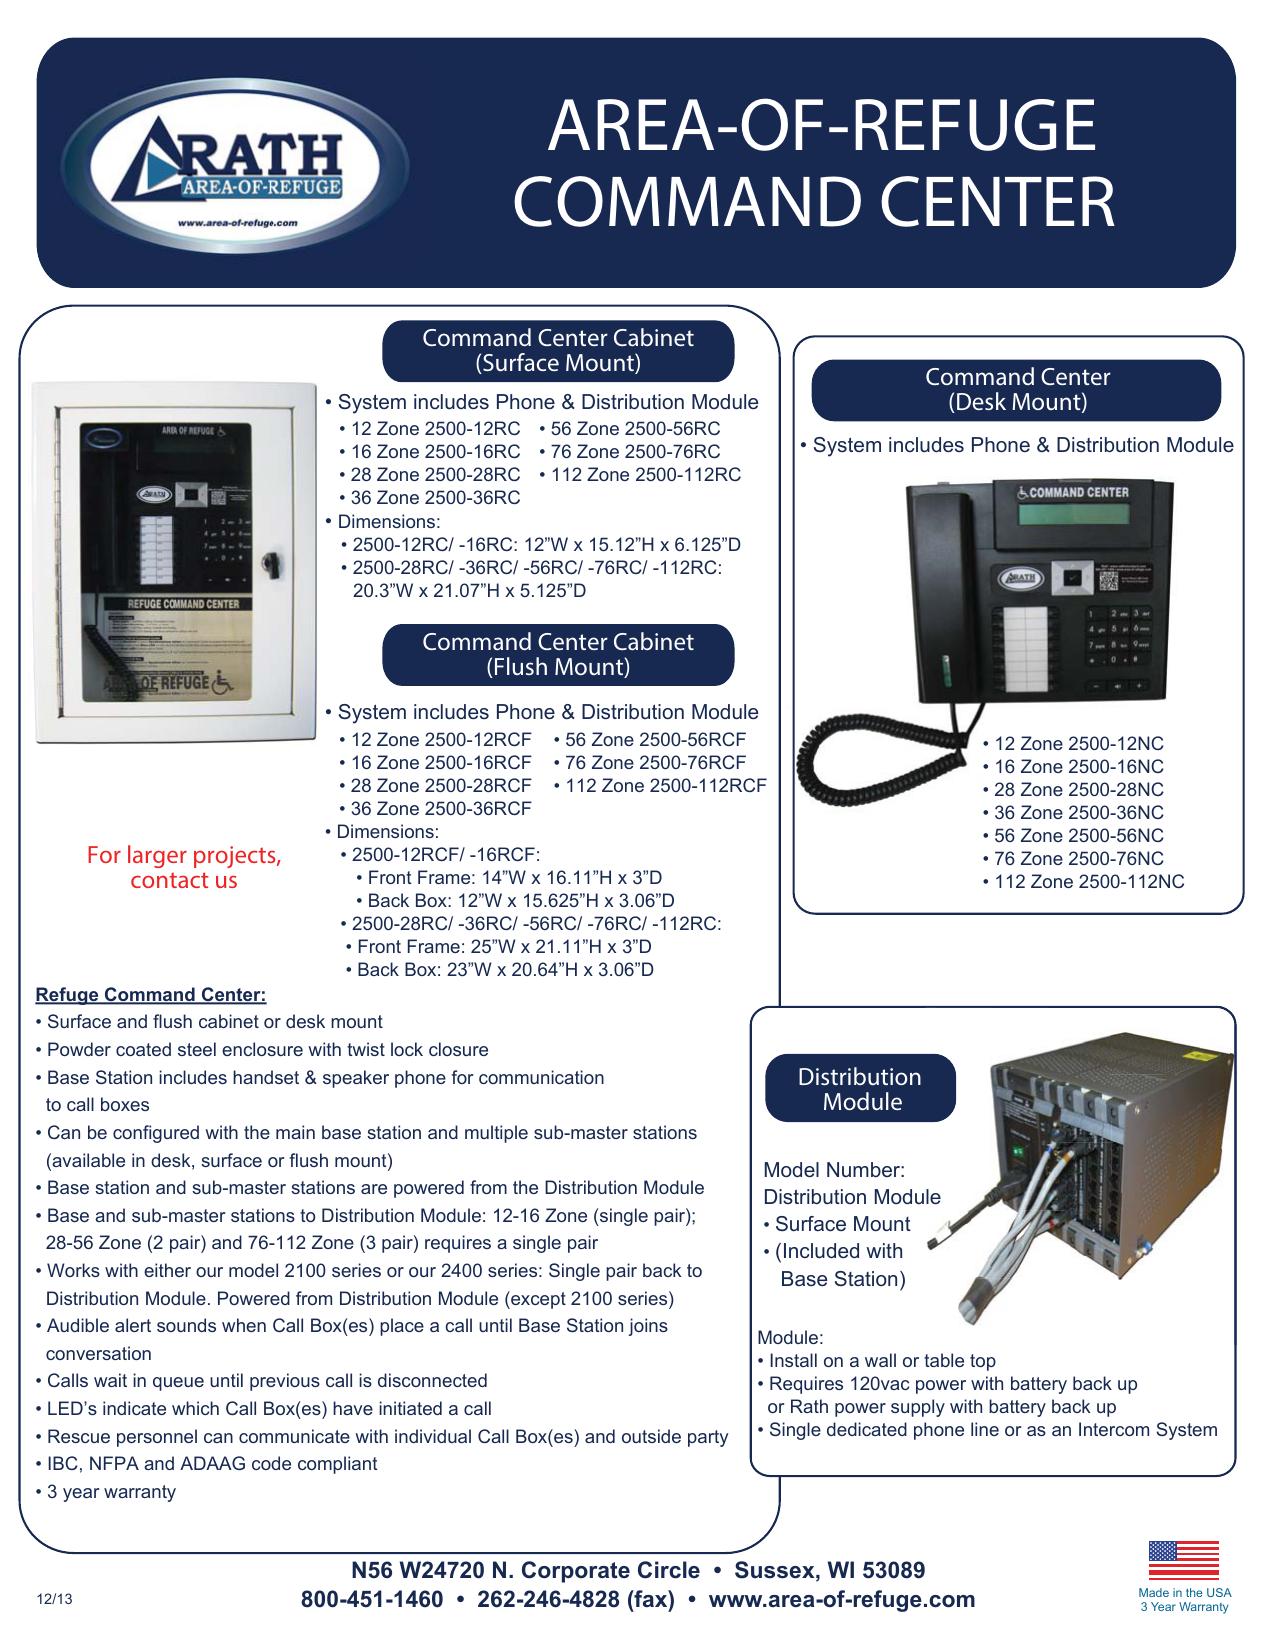 area-of-refuge command center   manualzz com